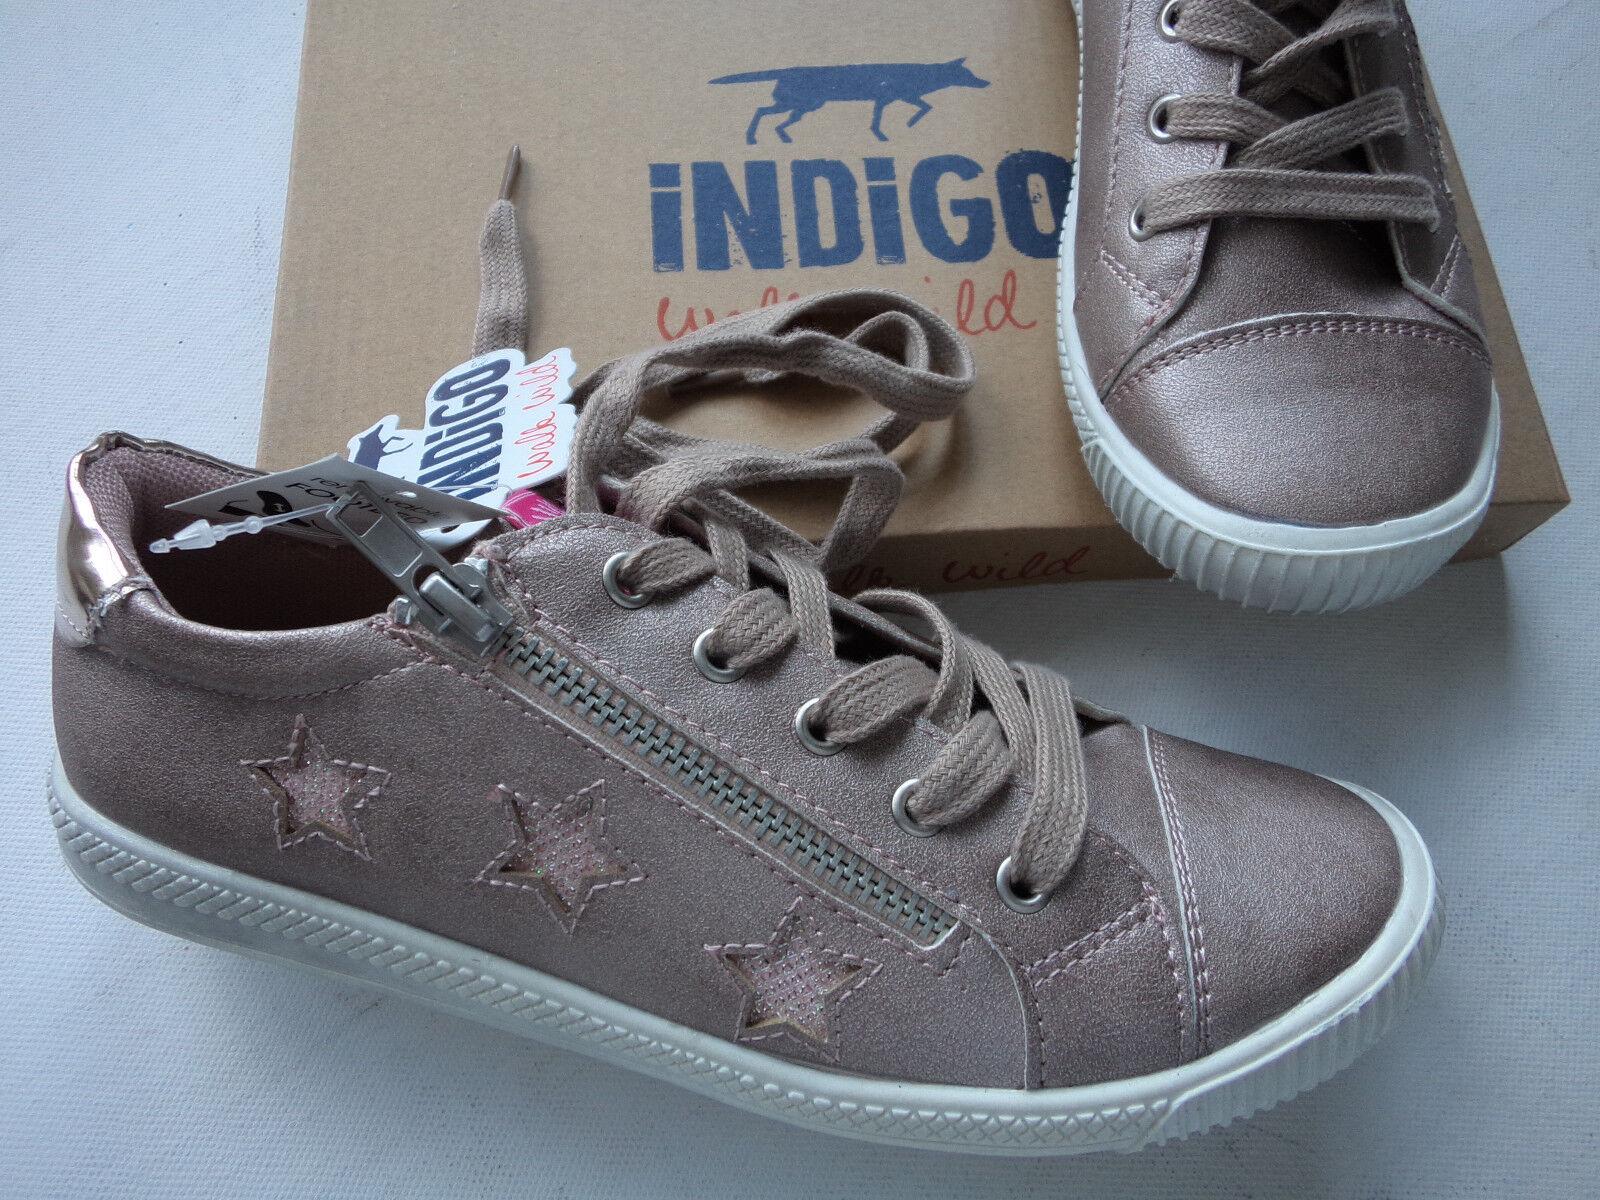 NEU Indigo Sneaker Schnürer mit Wechselfußbett  pink-gold Größe 37